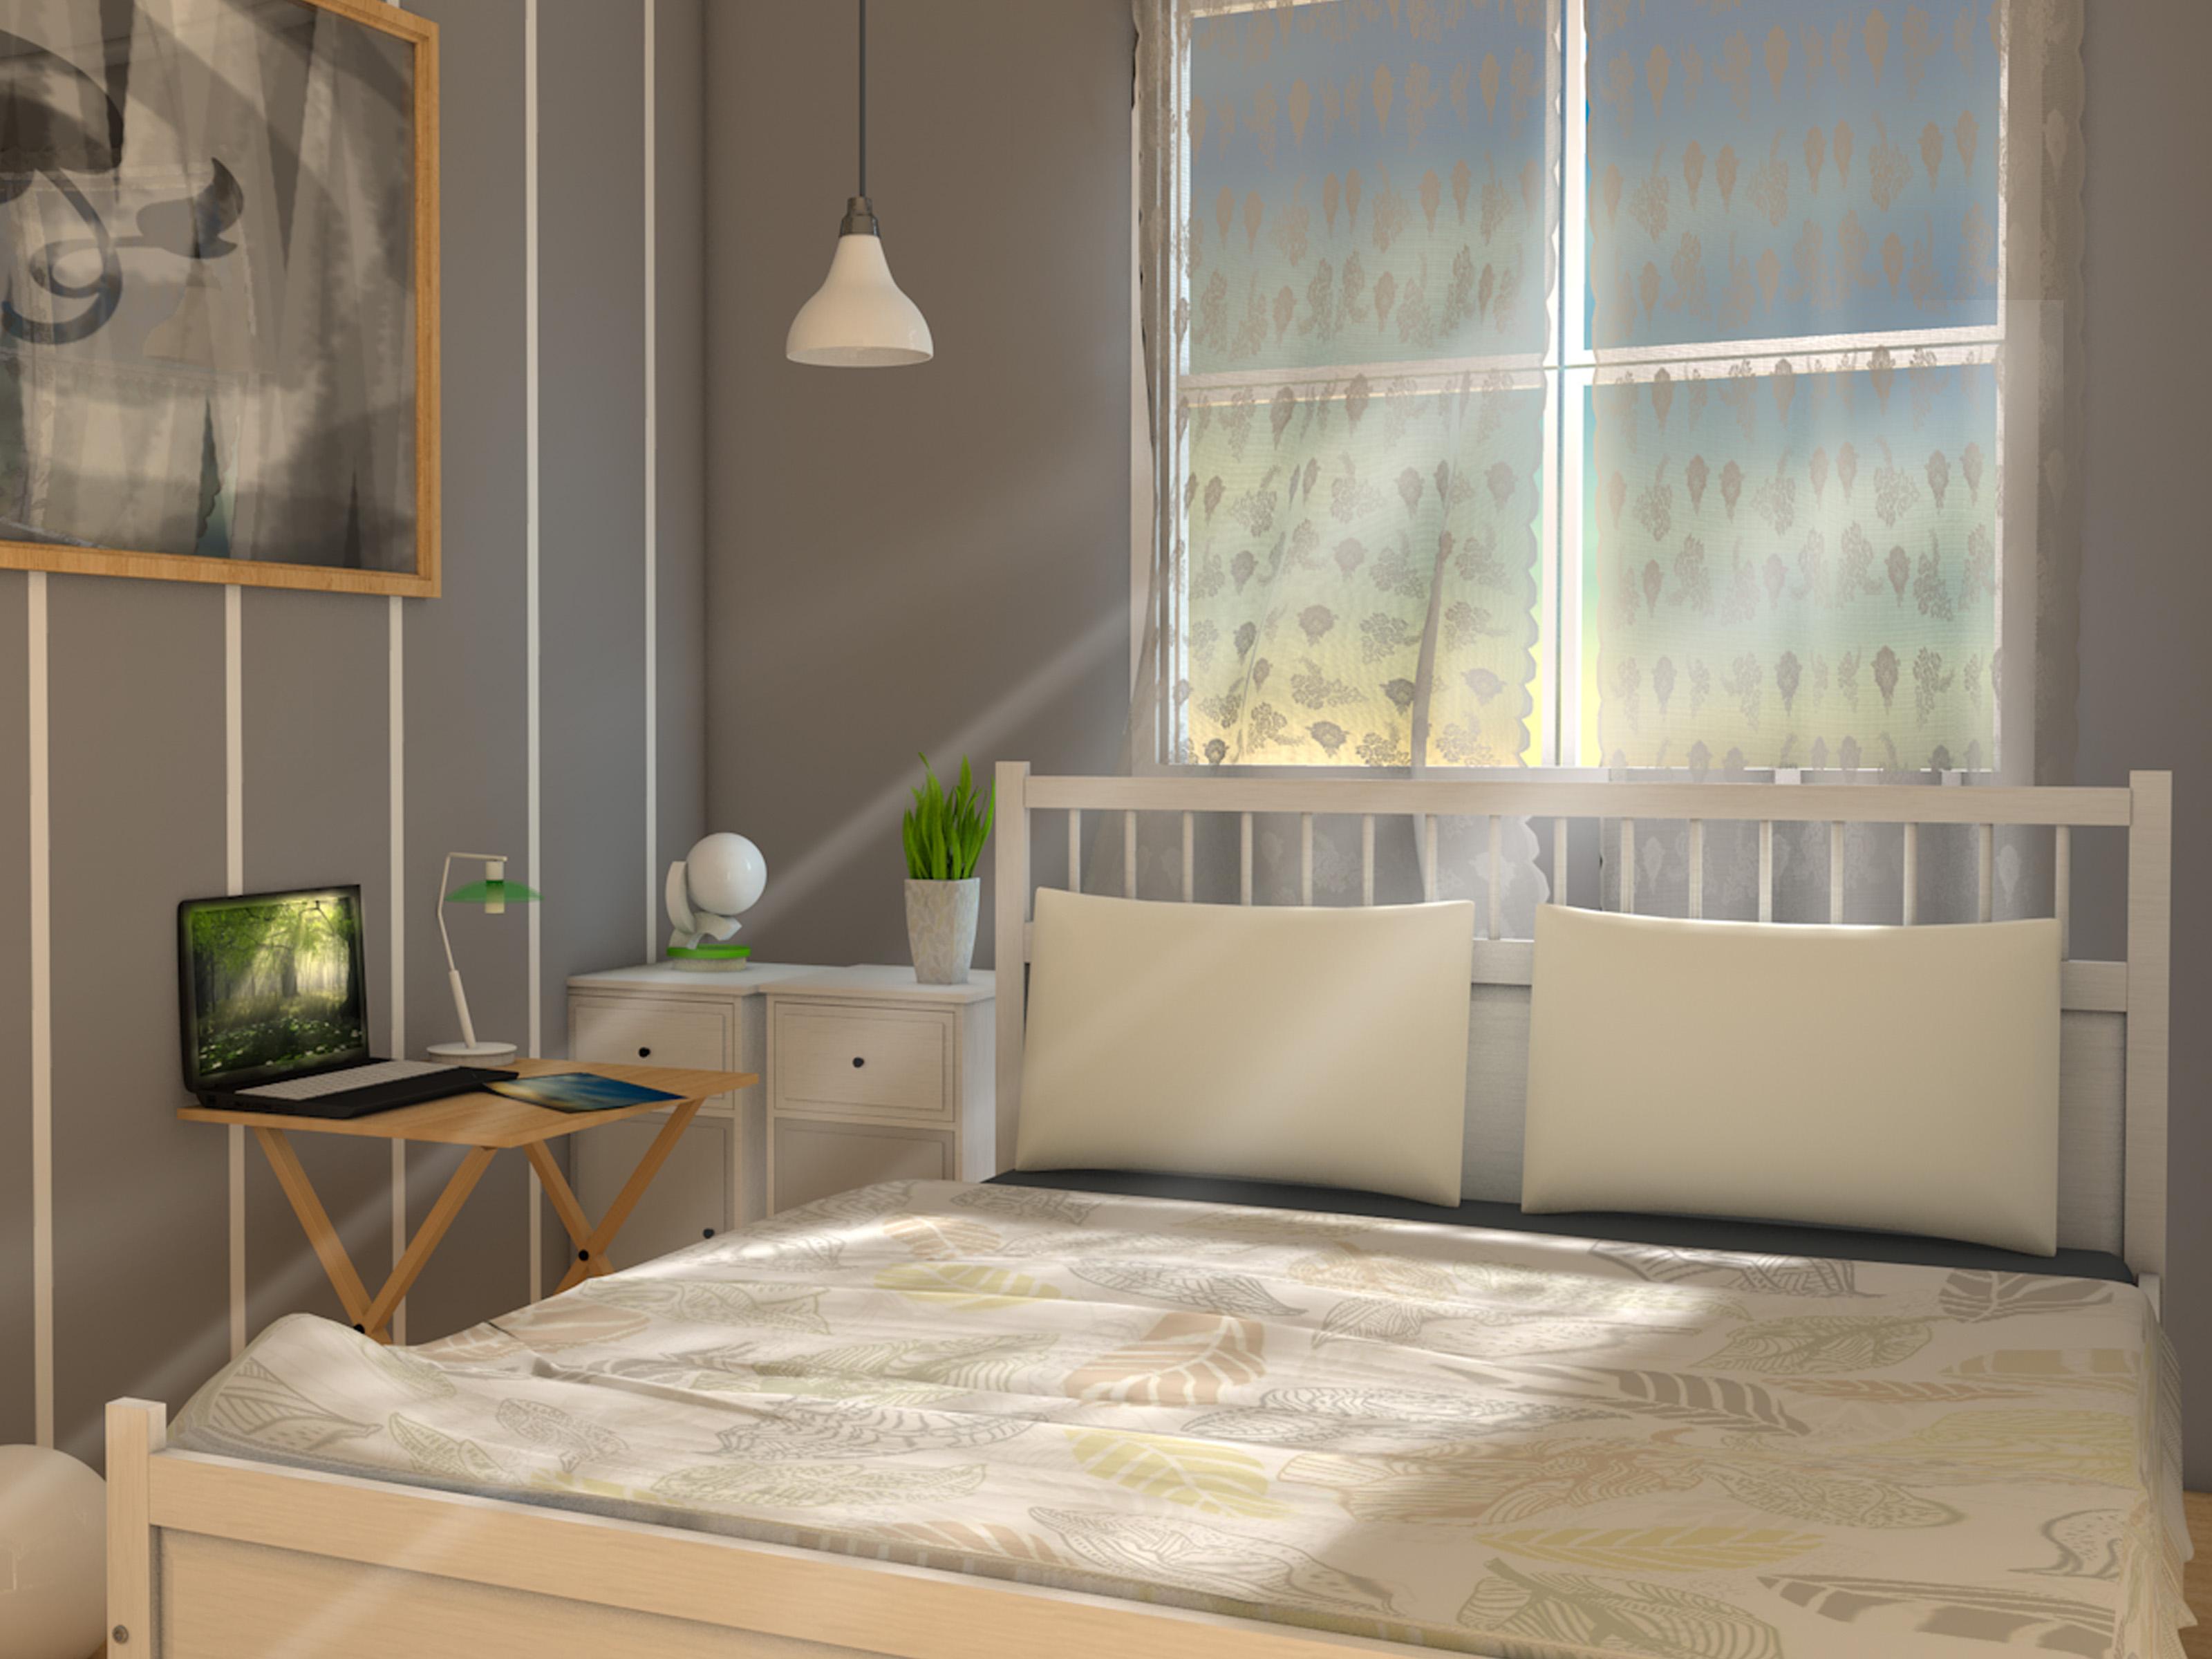 Ein kleines Schlafzimmer kostengnstig einrichten  wikiHow